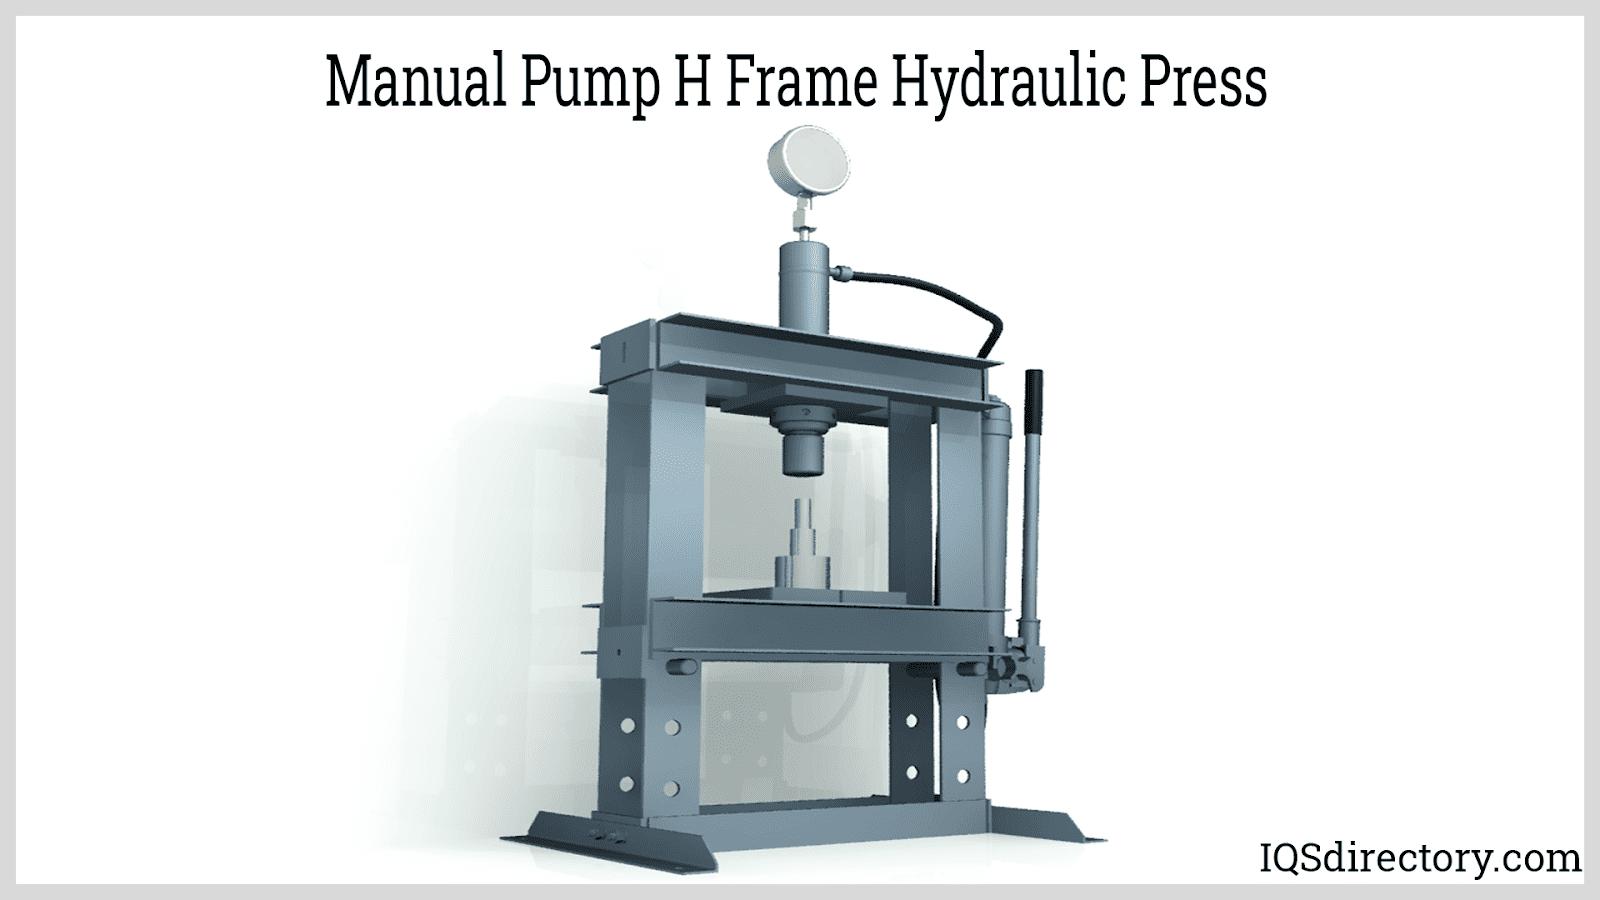 Manual Pump H Frame Hydraulic Press